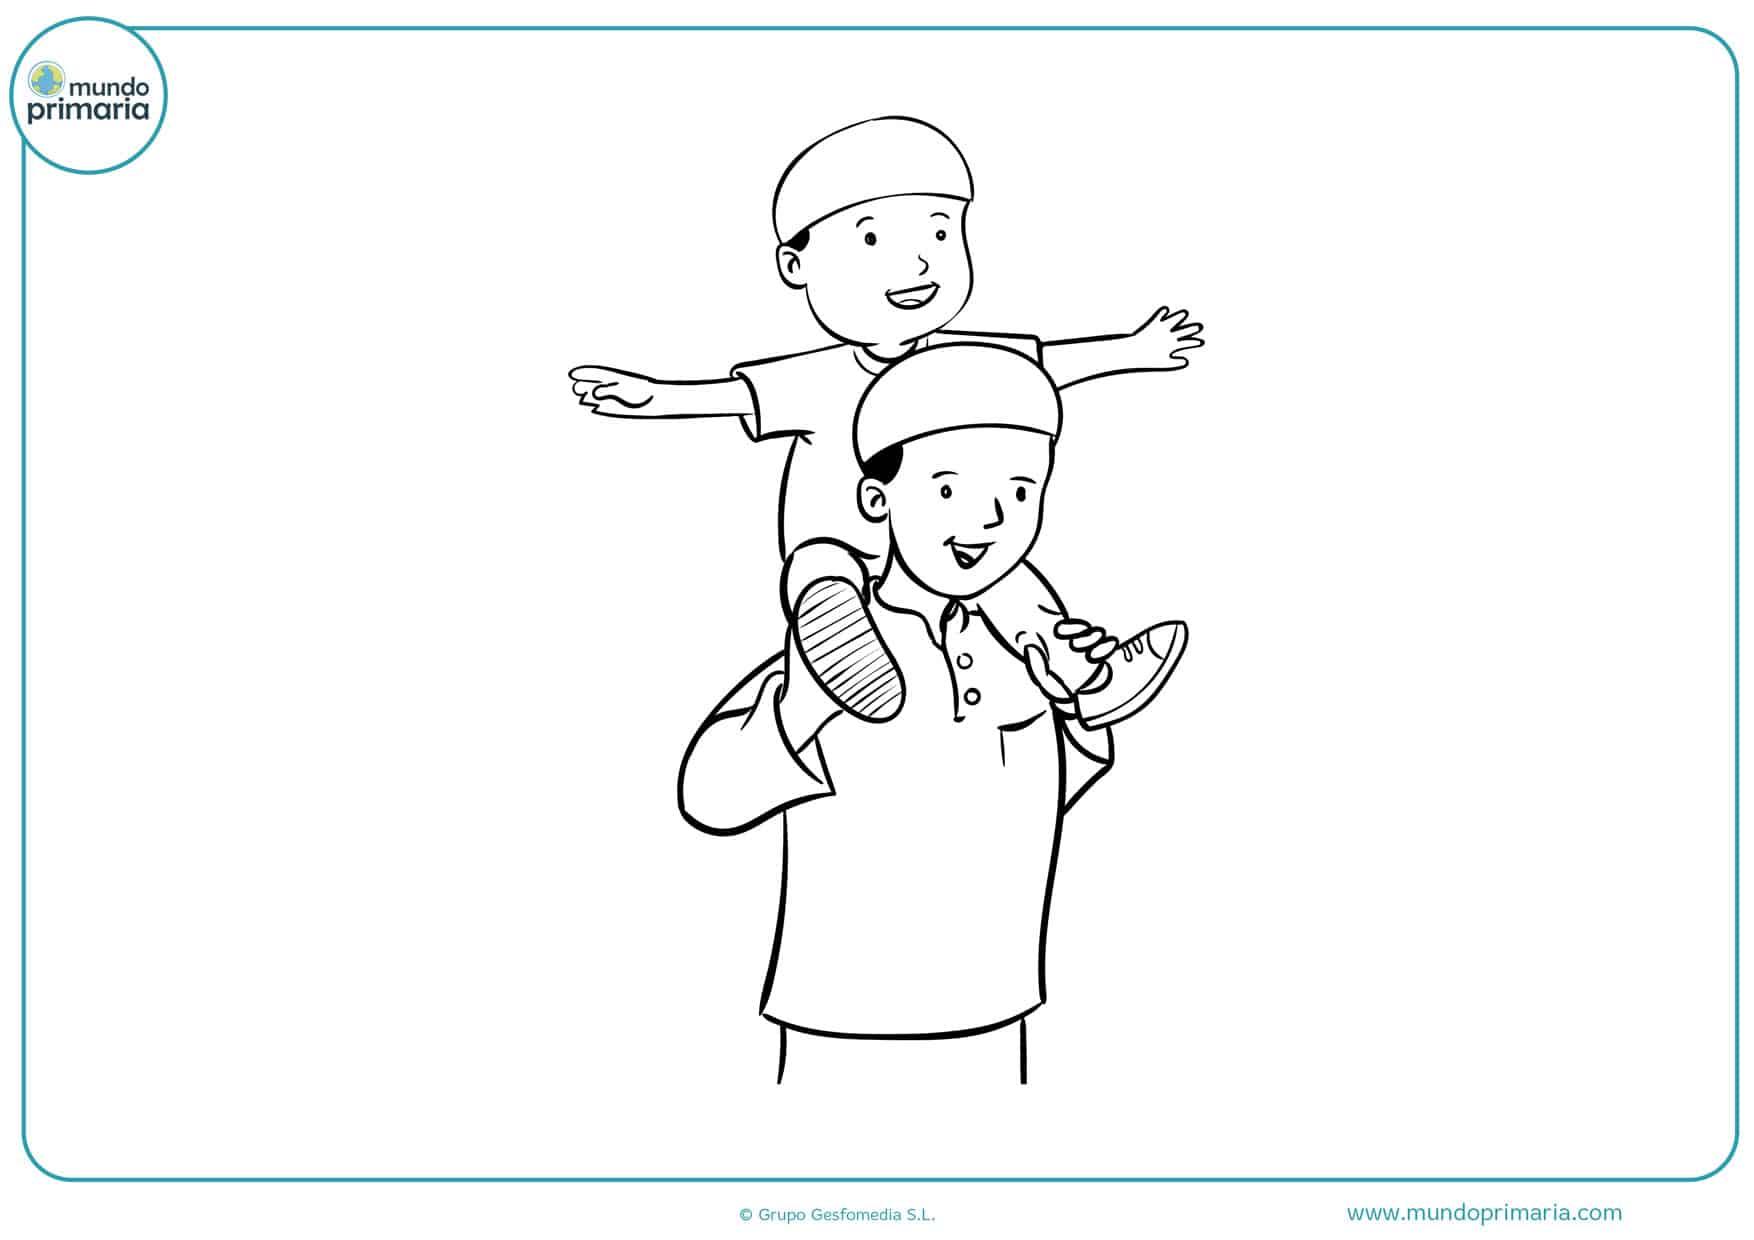 dibujos para colorear e imprimir para el día del padre